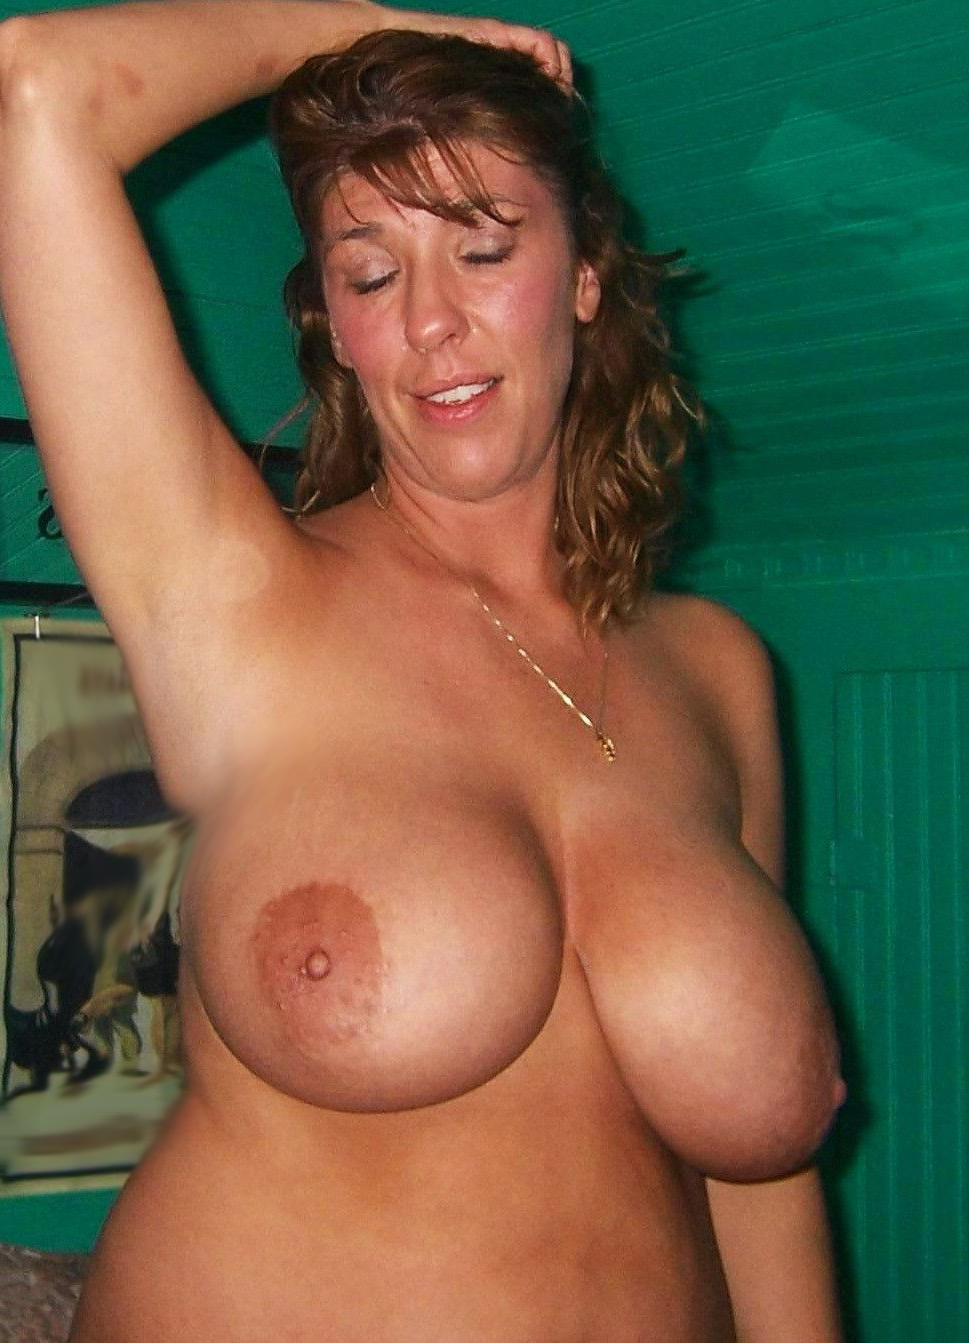 Tits porn amateur Free Amateur